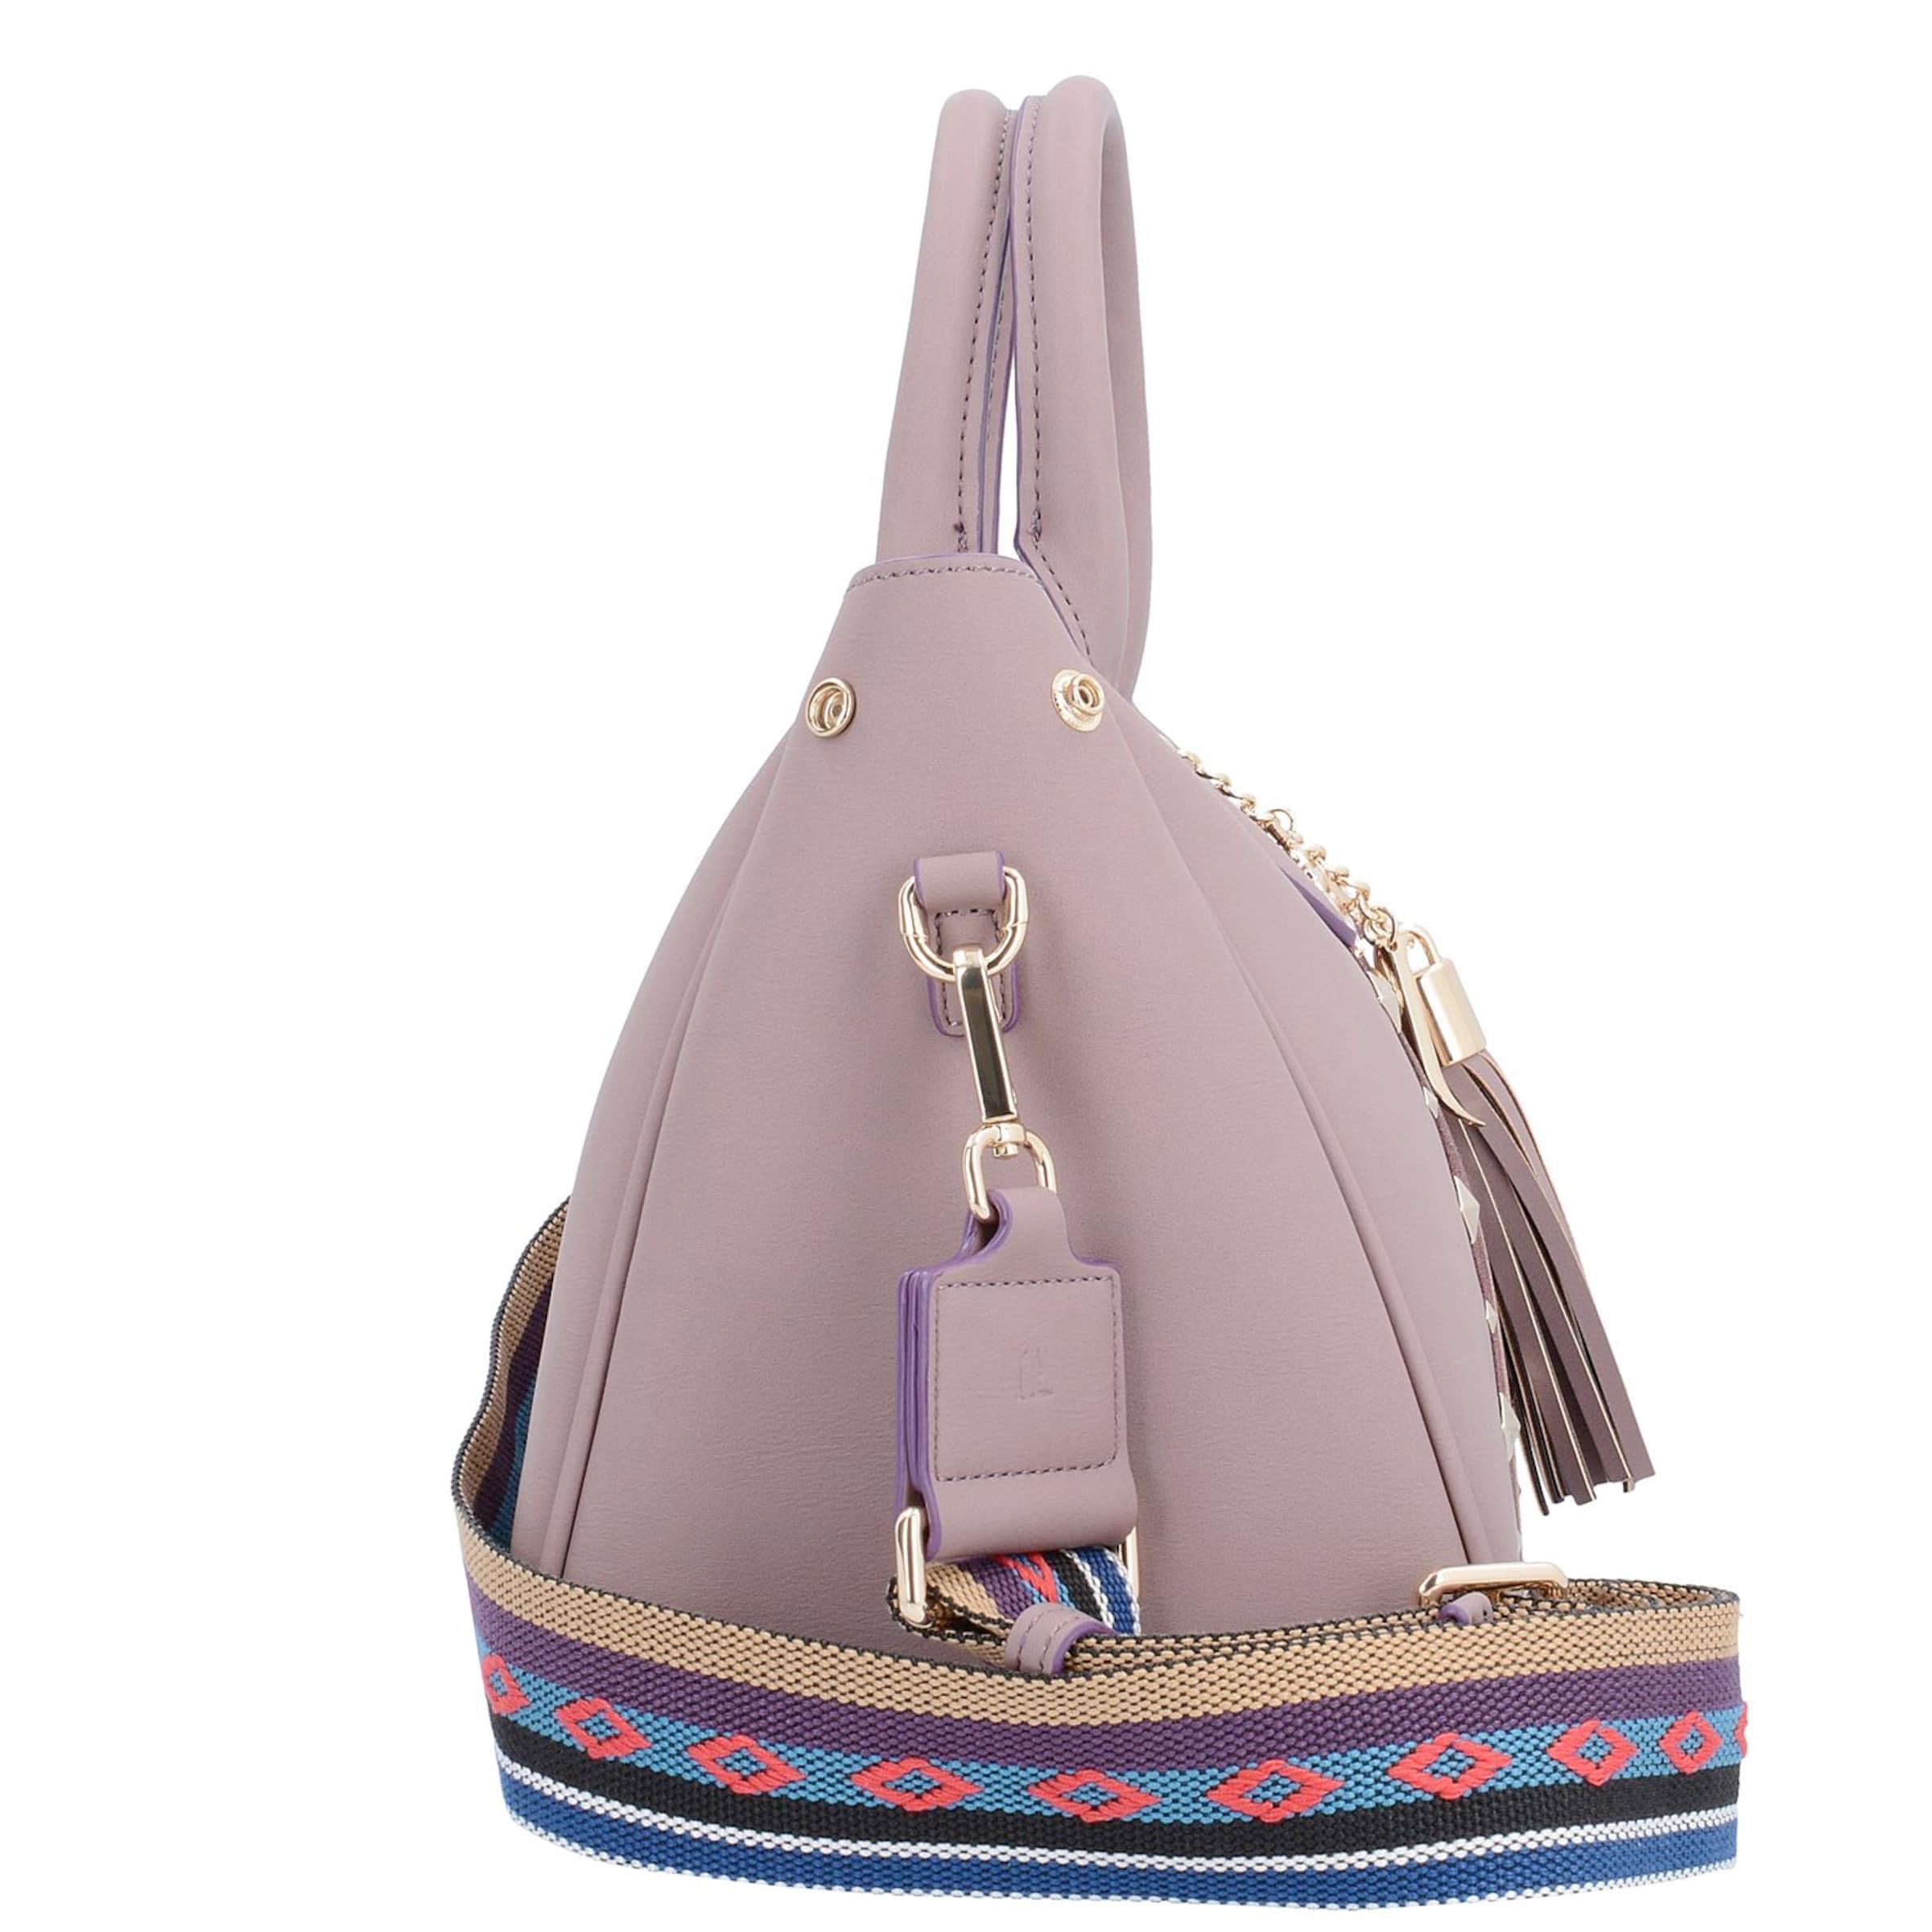 Trussardi Jeans Blondie Ecoleather Stud Tote Medium Bag Handtasche 30 cm Kauf Auslass Für Billig KzEpxz7GC9